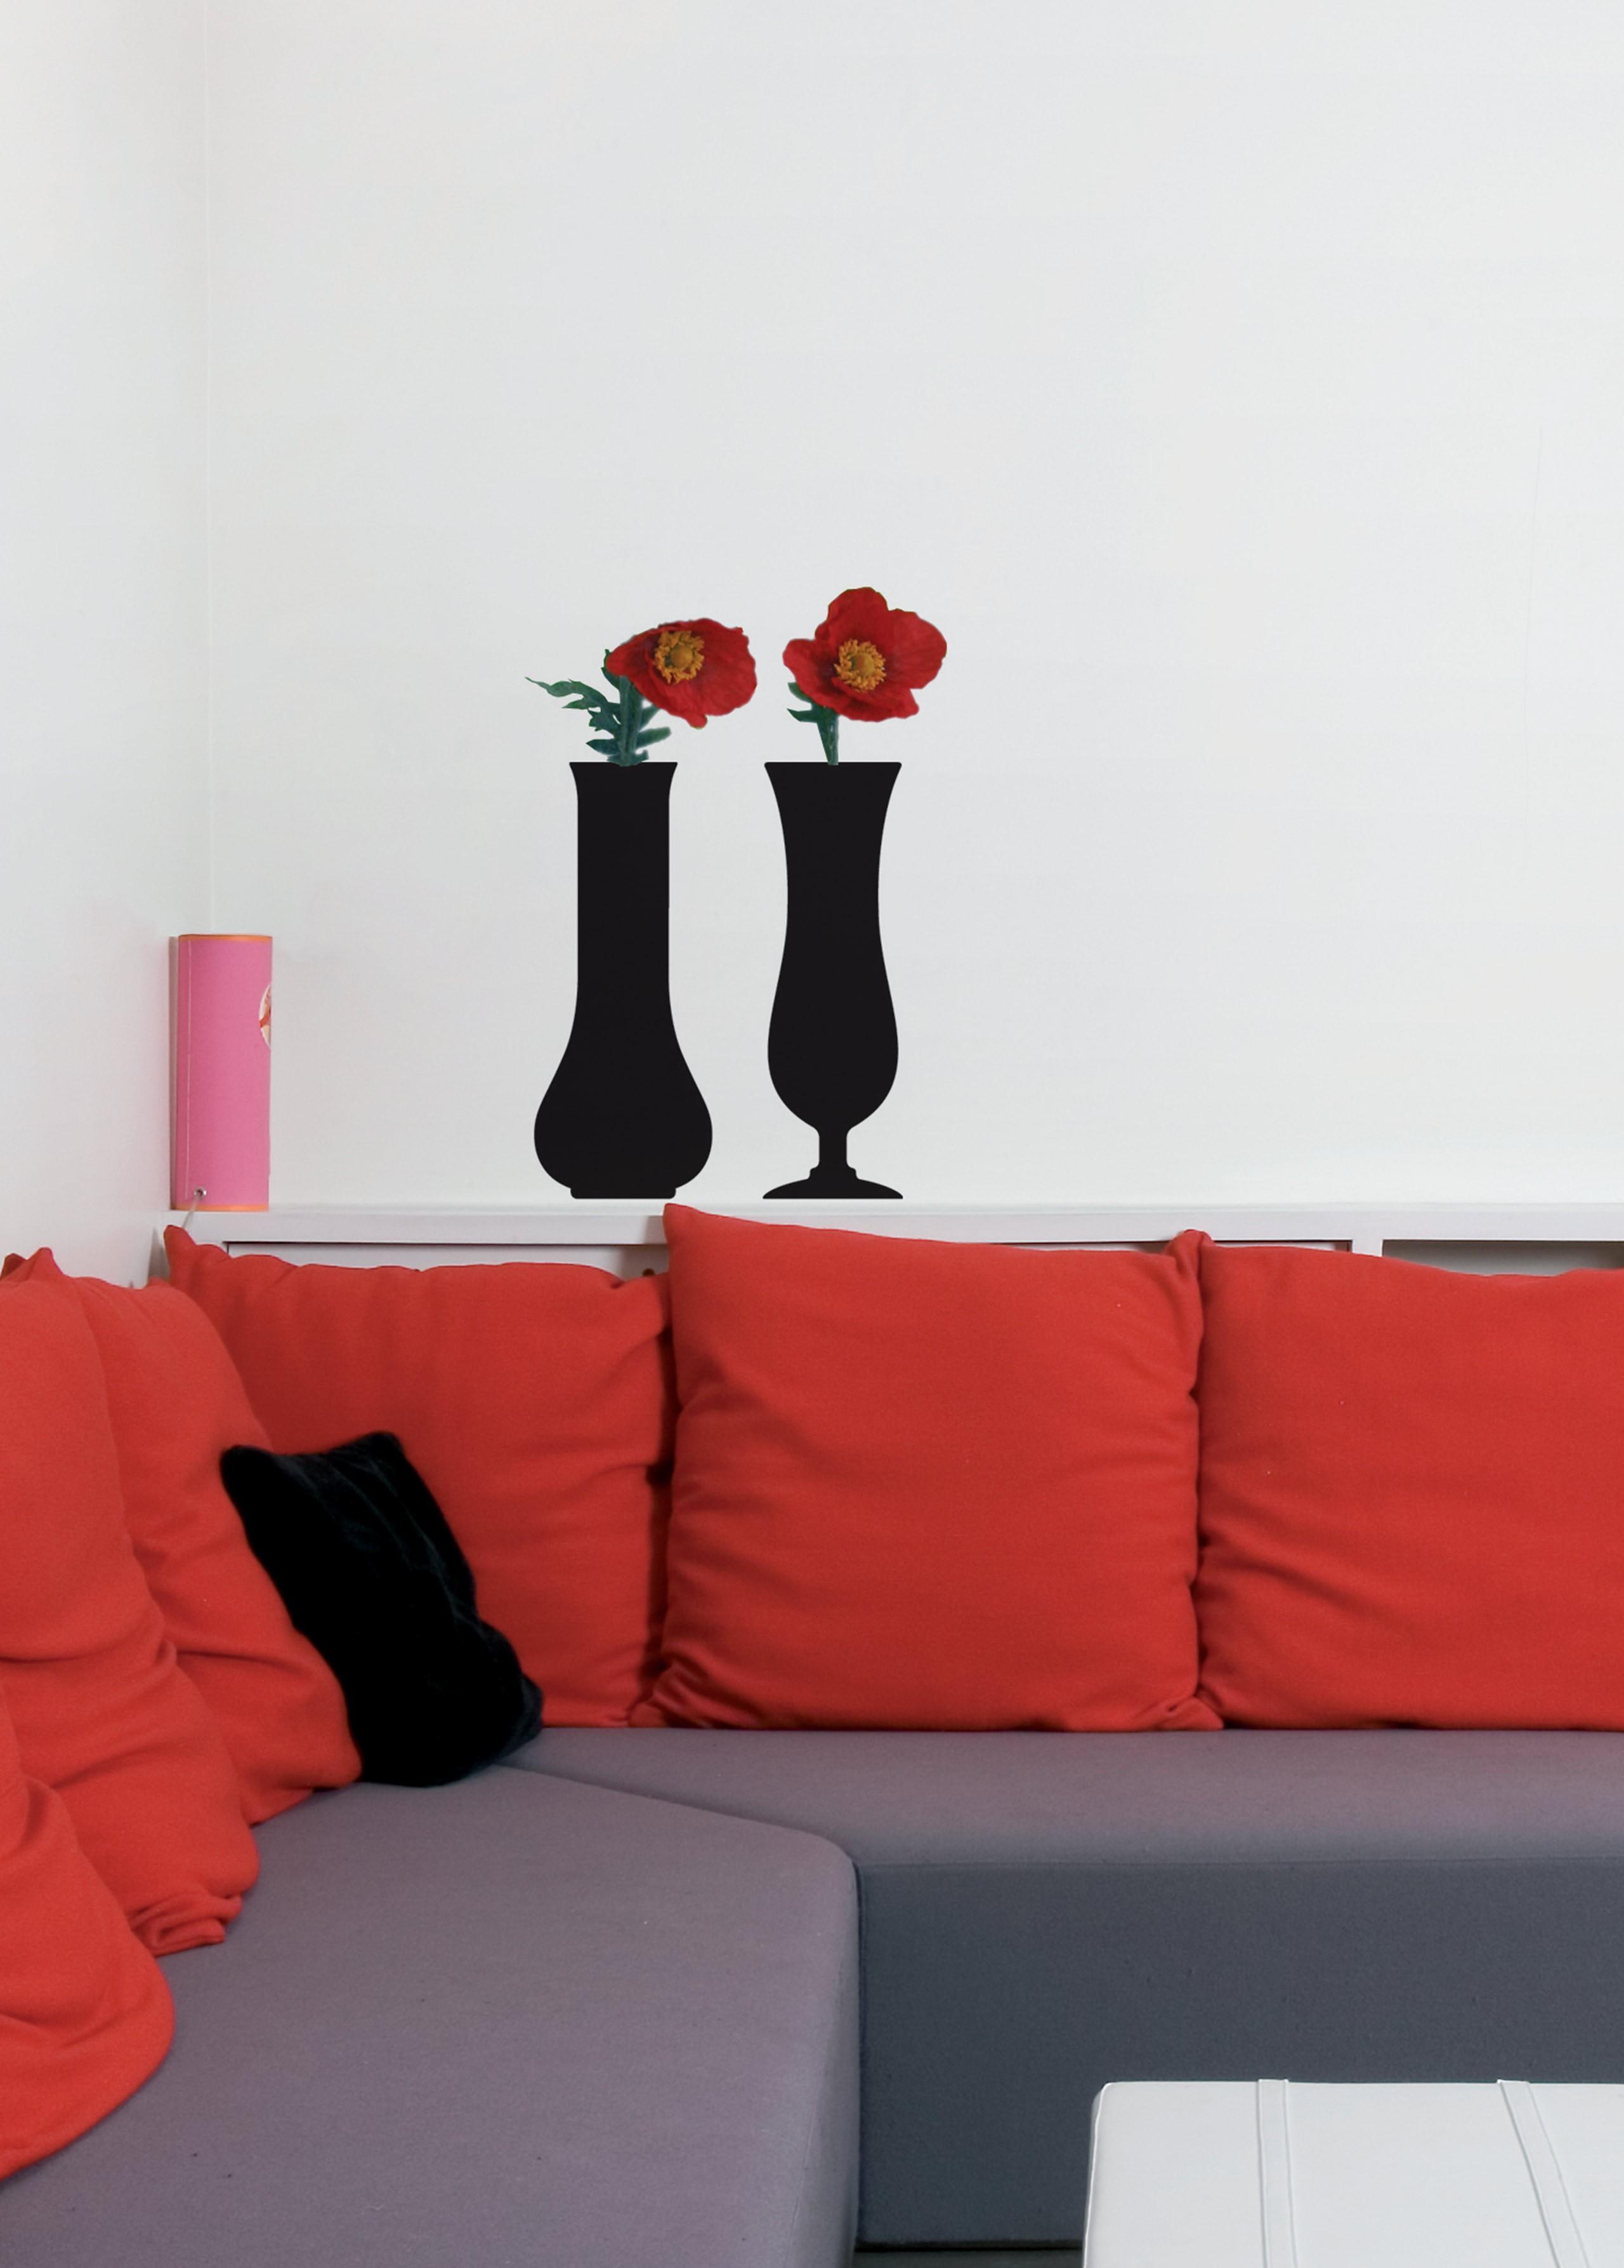 Vinyl + vase 2